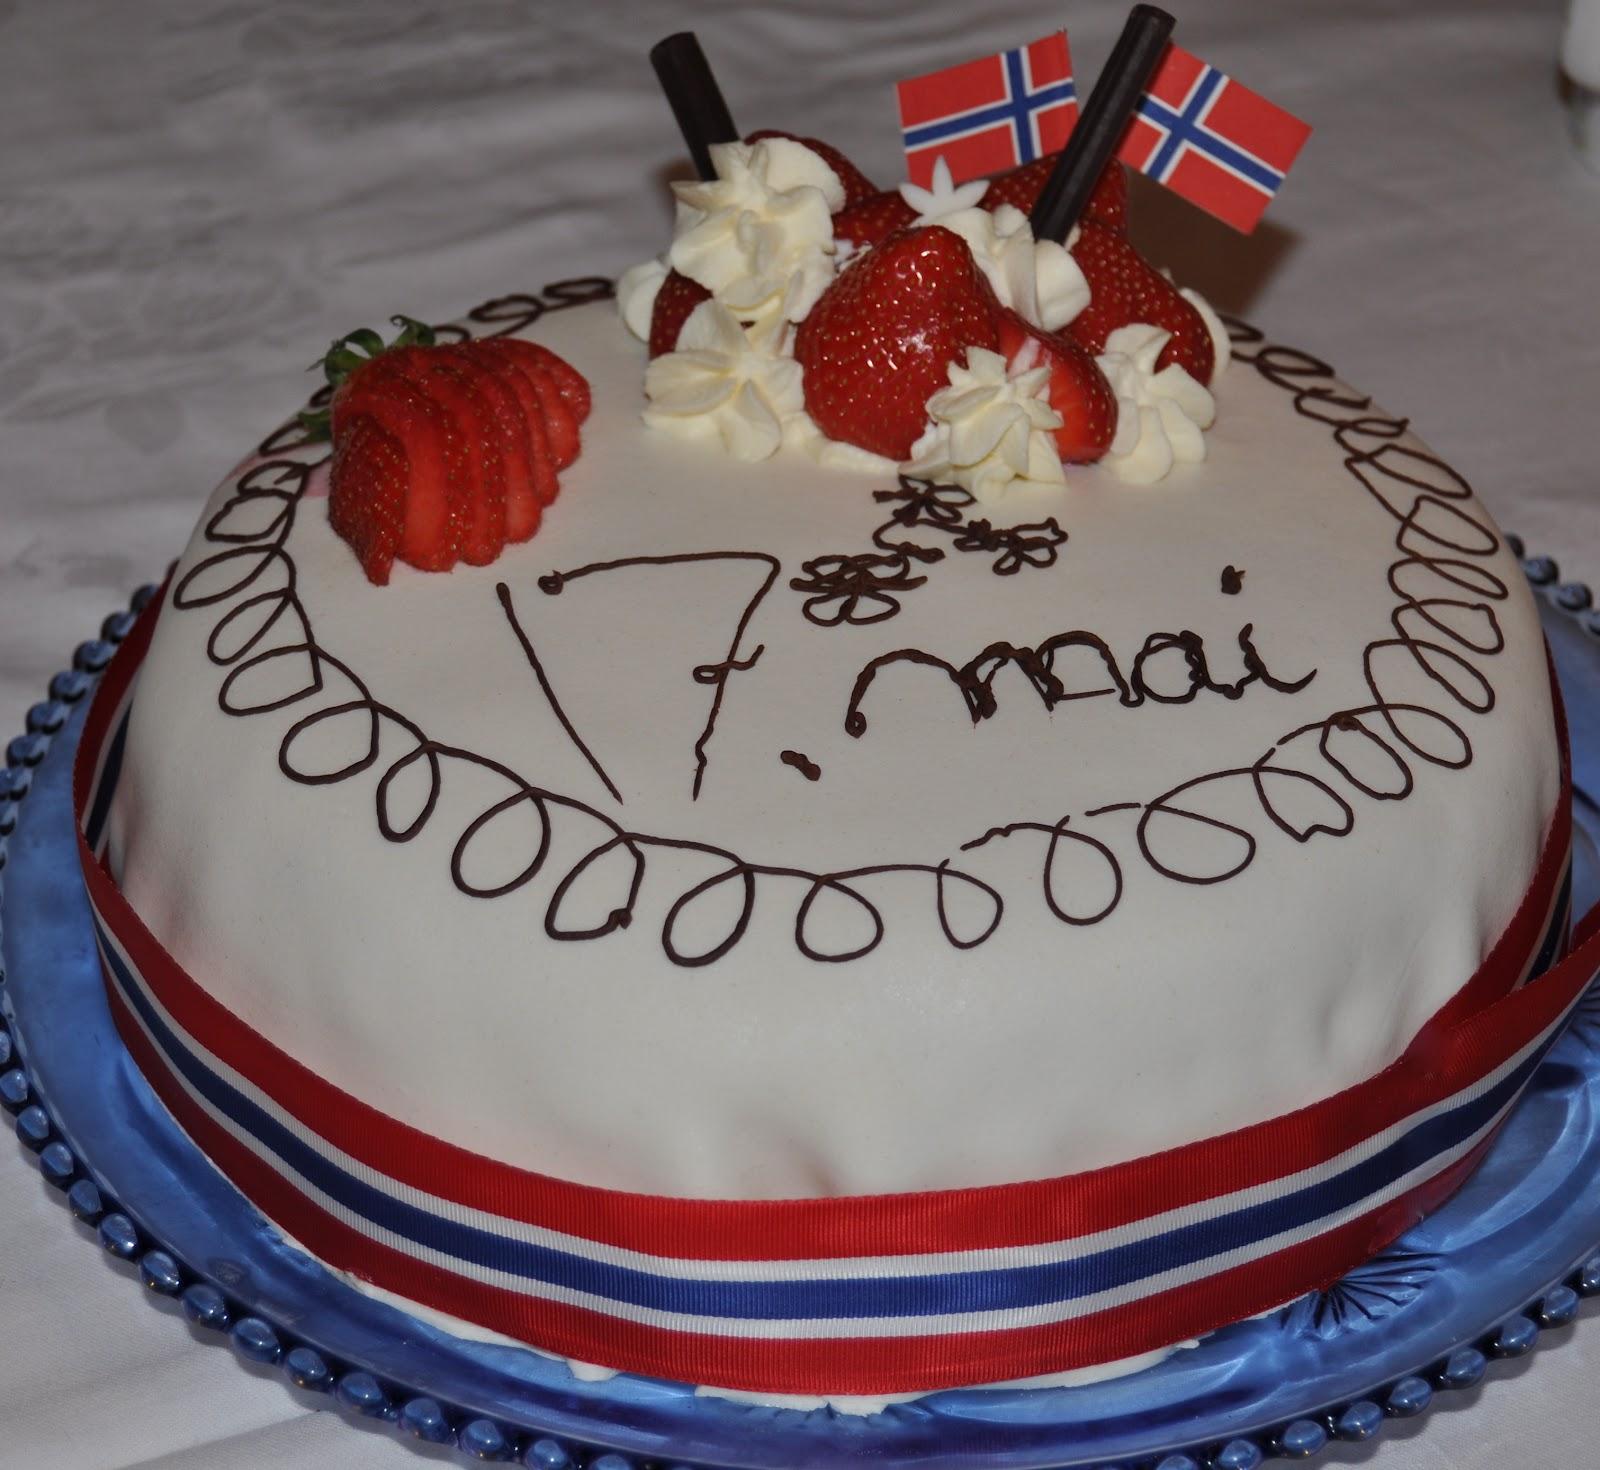 07d607c2 Her i Bergen har de en kake som ikke er særlig kjent i resten av landet, i  hvertfall hadde jeg aldri hørt om den får jeg flyttet hit. Kaken er Hvit  dame ...